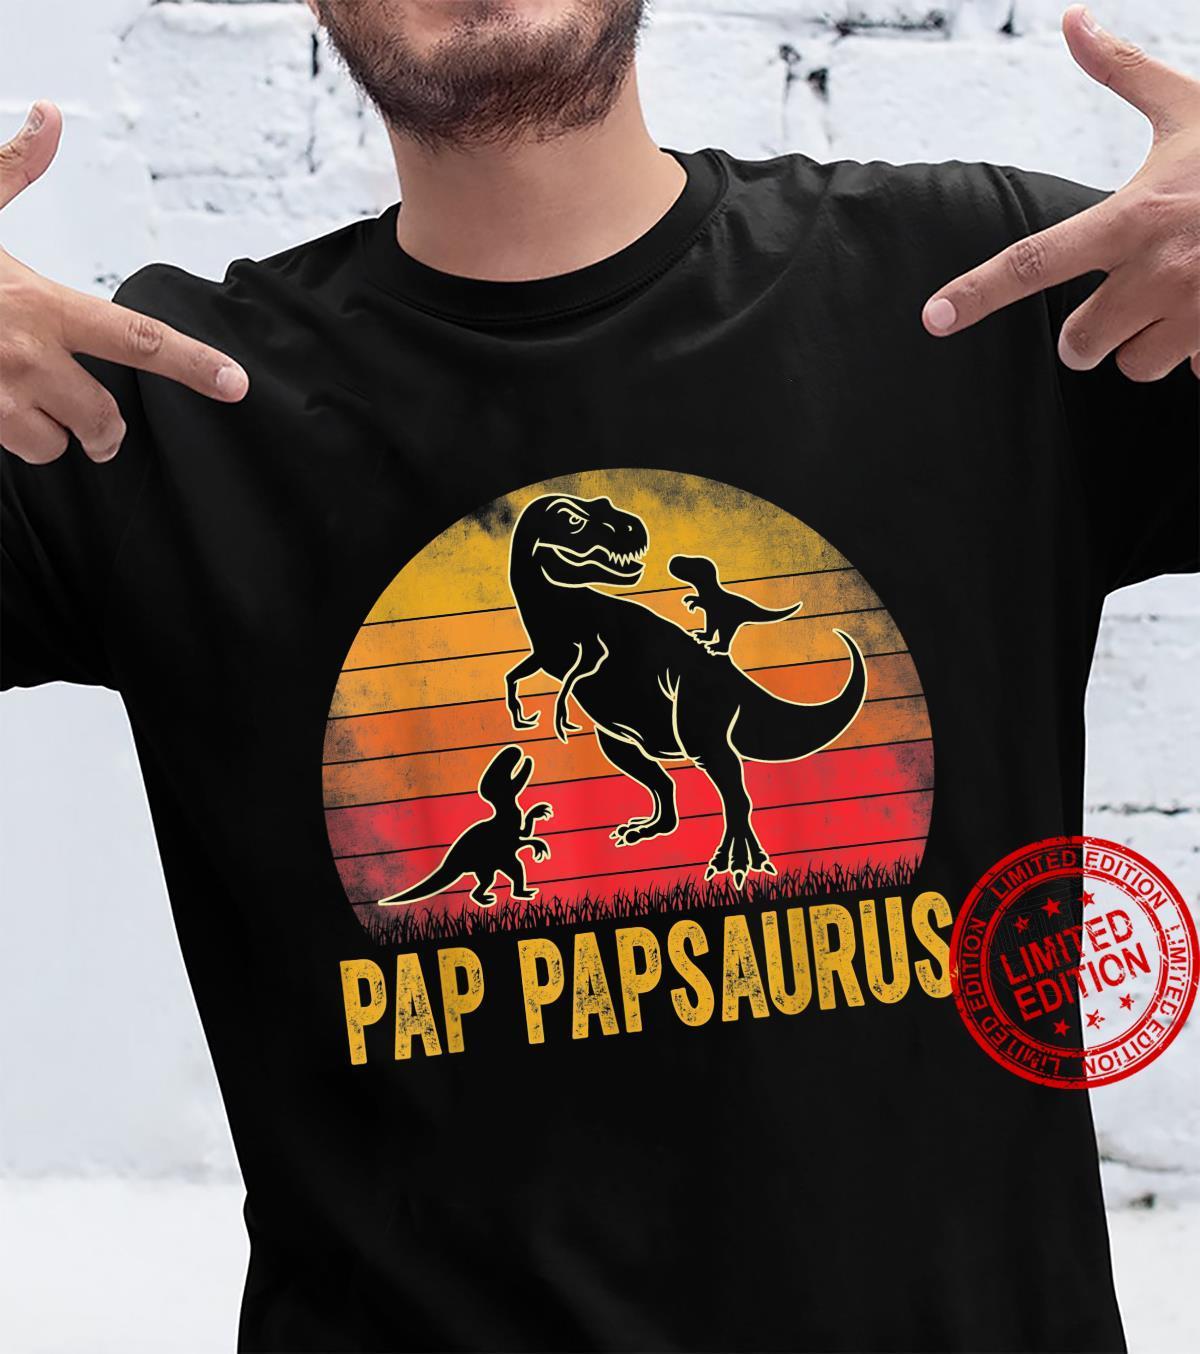 Pap Papsaurus TRex Dinosaur Matching Family Pap Pap Saurus Shirt